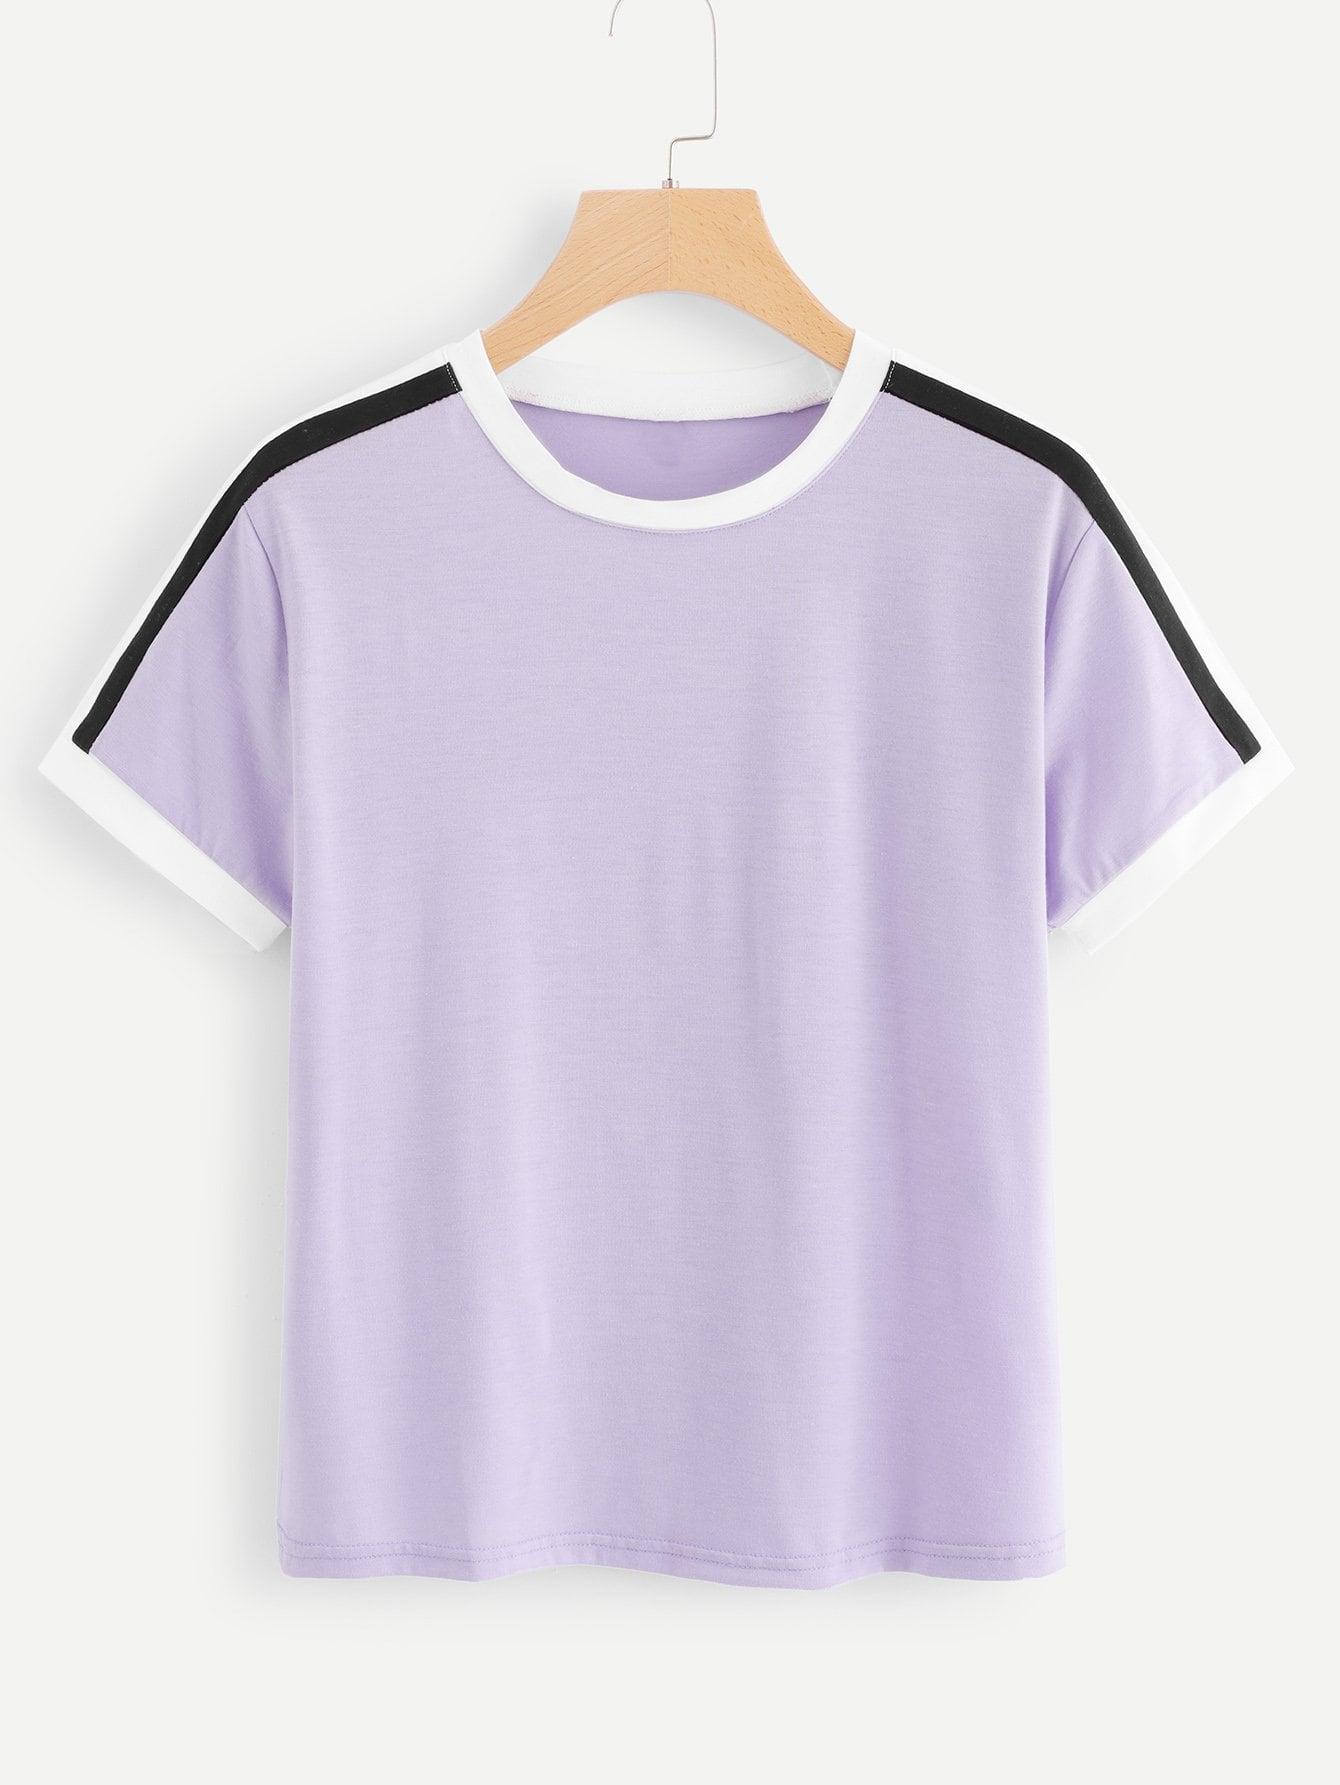 Купить Стиль кэжуал Полосатый Фиолетовый Футболки, null, SheIn